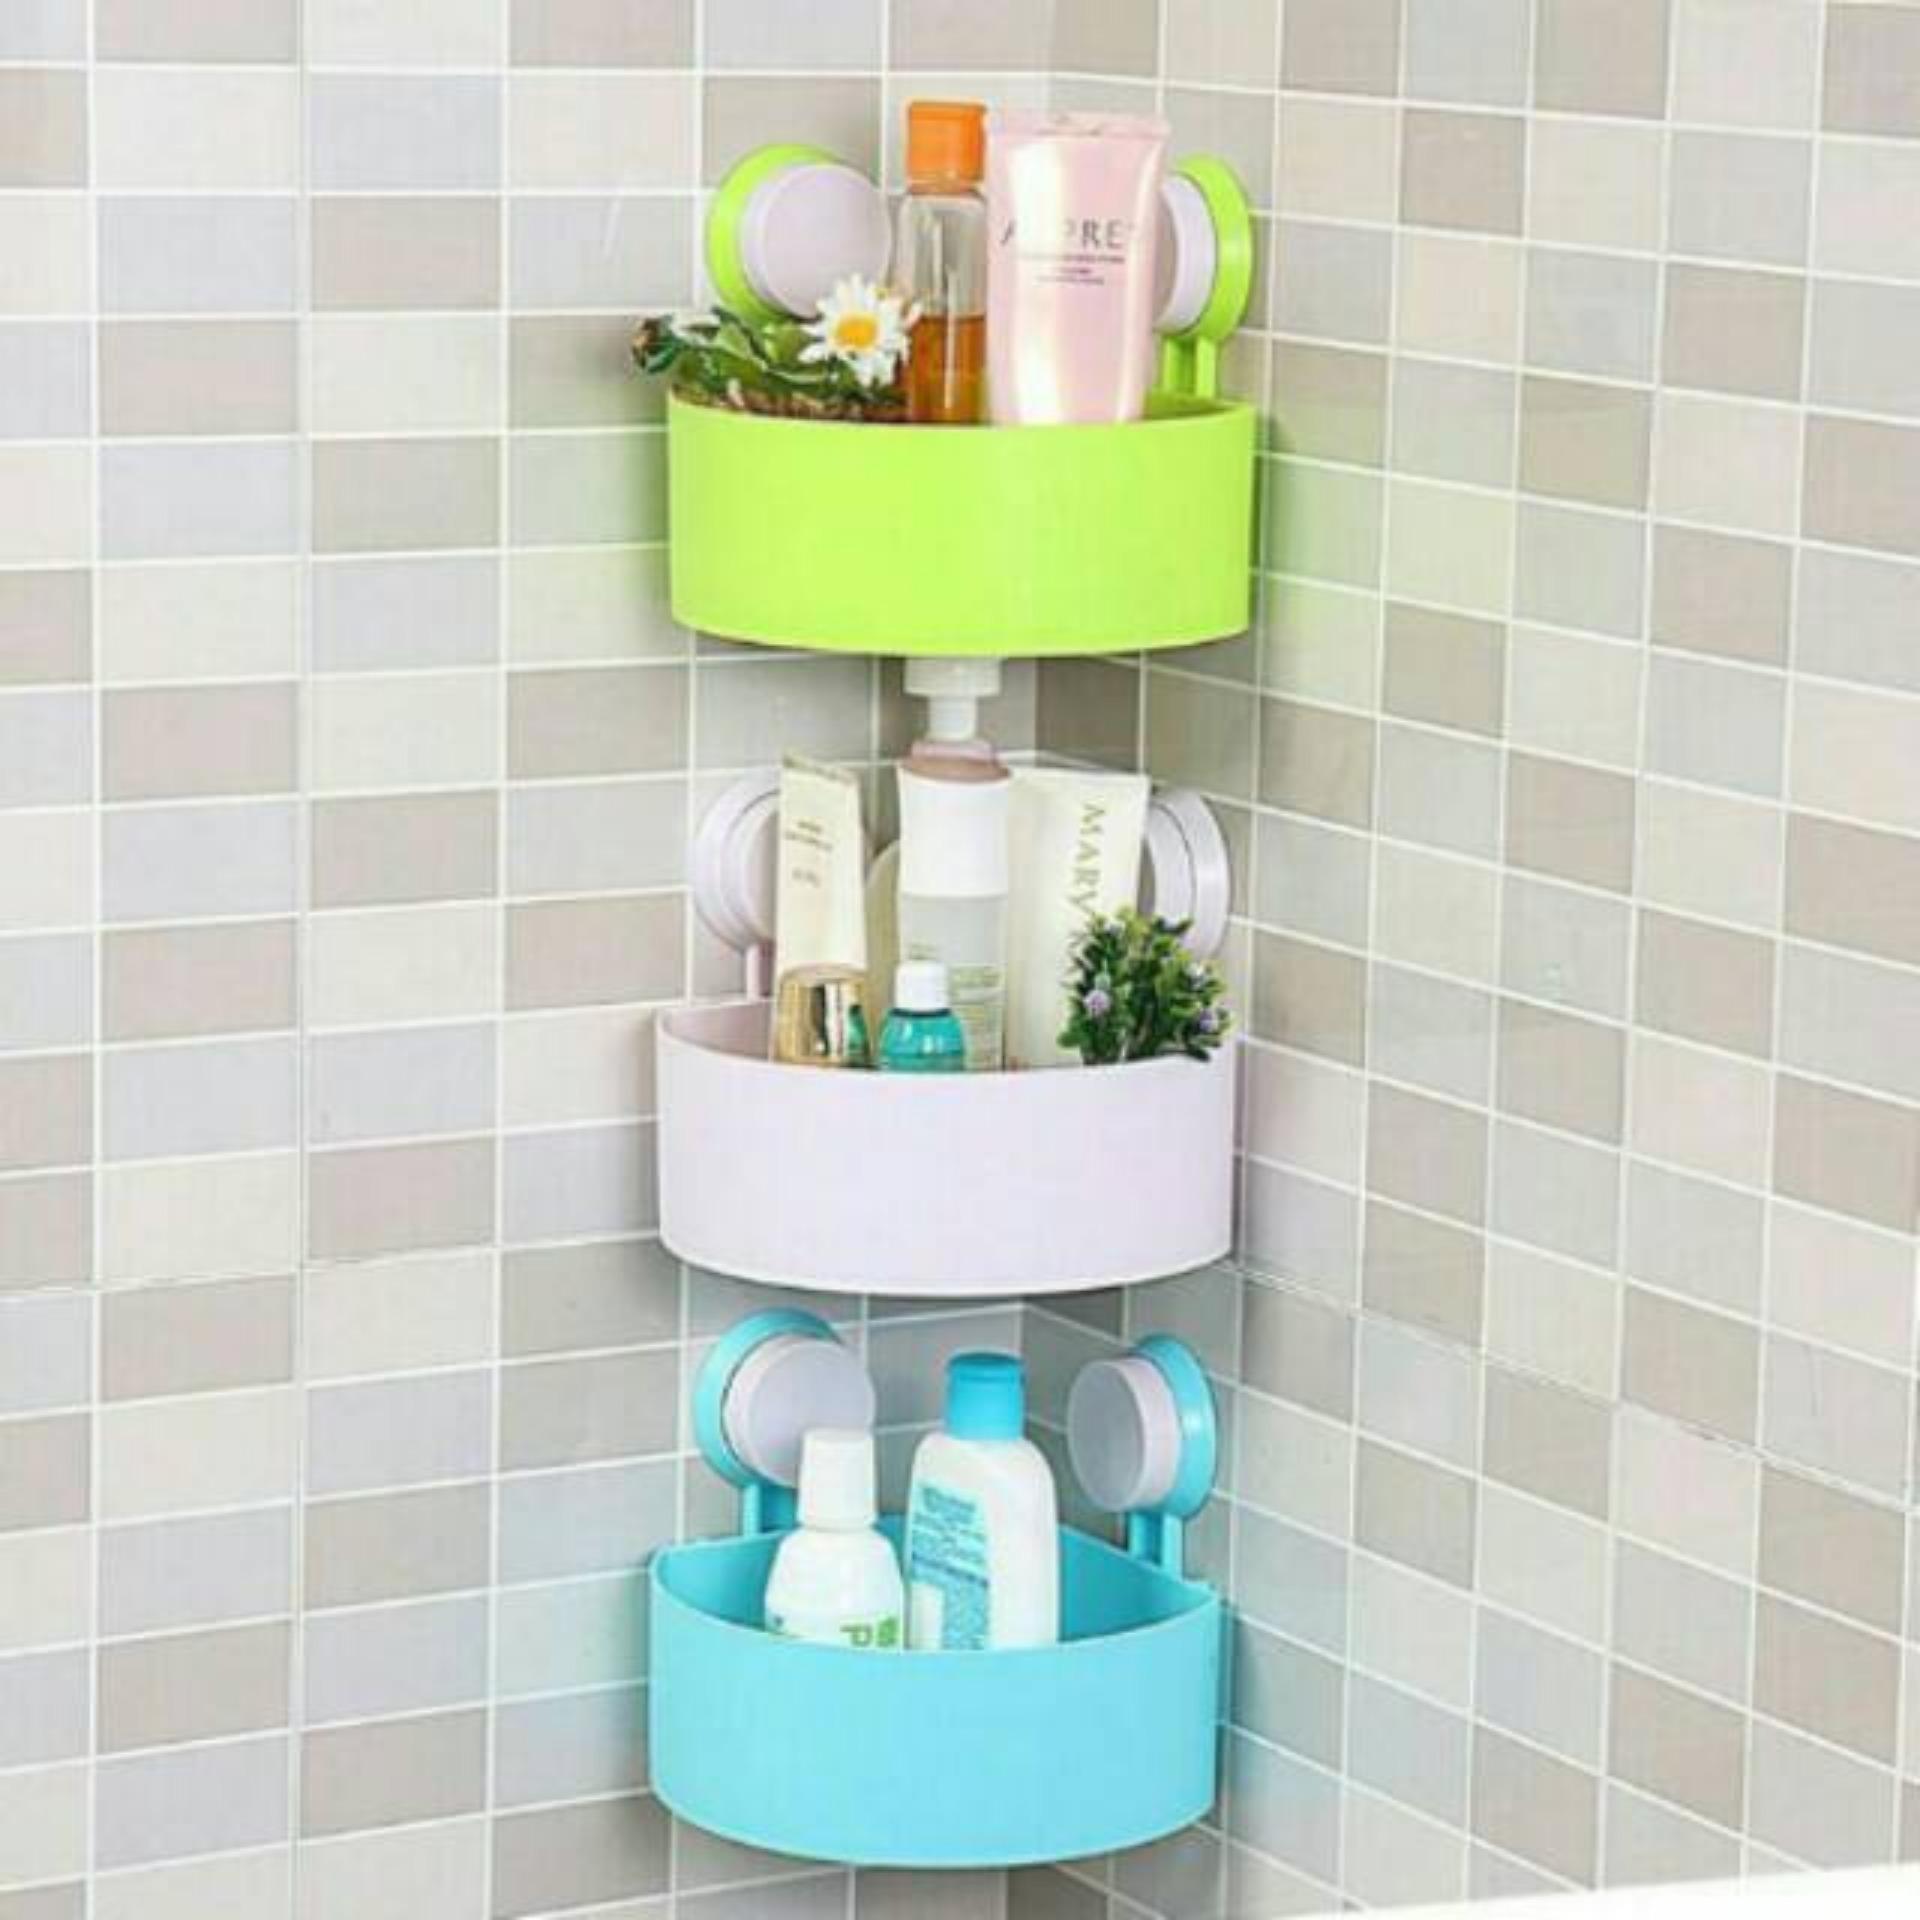 Rak Sudut kamar mandi Serbaguna ( tak perlu paku, dan bor keramik) - 1 Rak